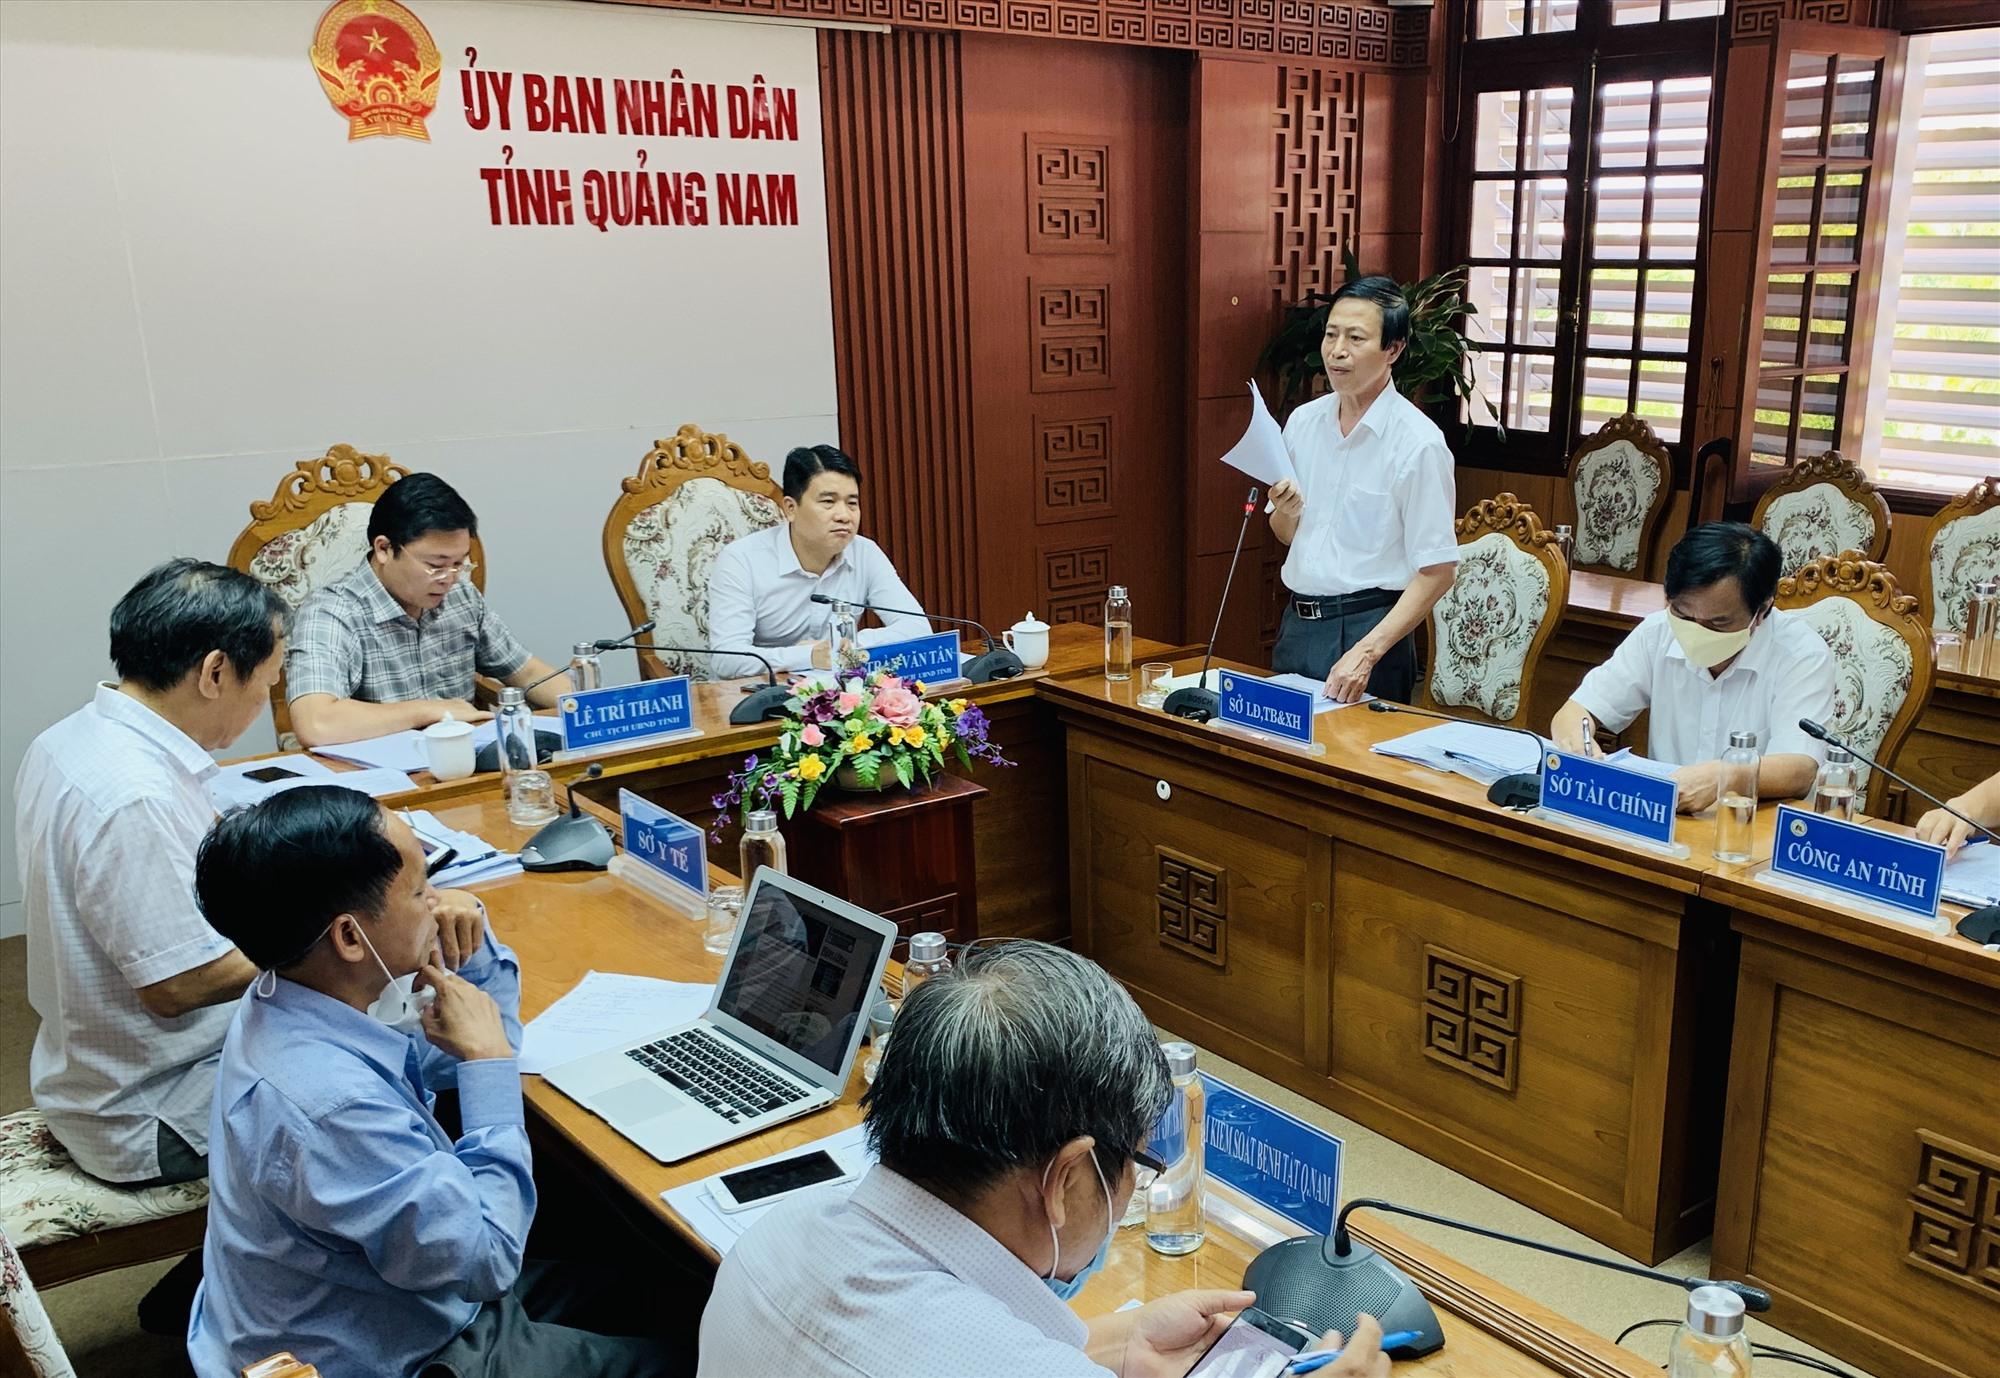 Ông Huỳnh Tấn Triều - Giám đốc Sở LĐ-TB&XH báo cáo sự việc với Ban chỉ đạo phòng chống dịch Covid-19 tỉnh tại cuộc họp chiều nay, ngày 26.3.